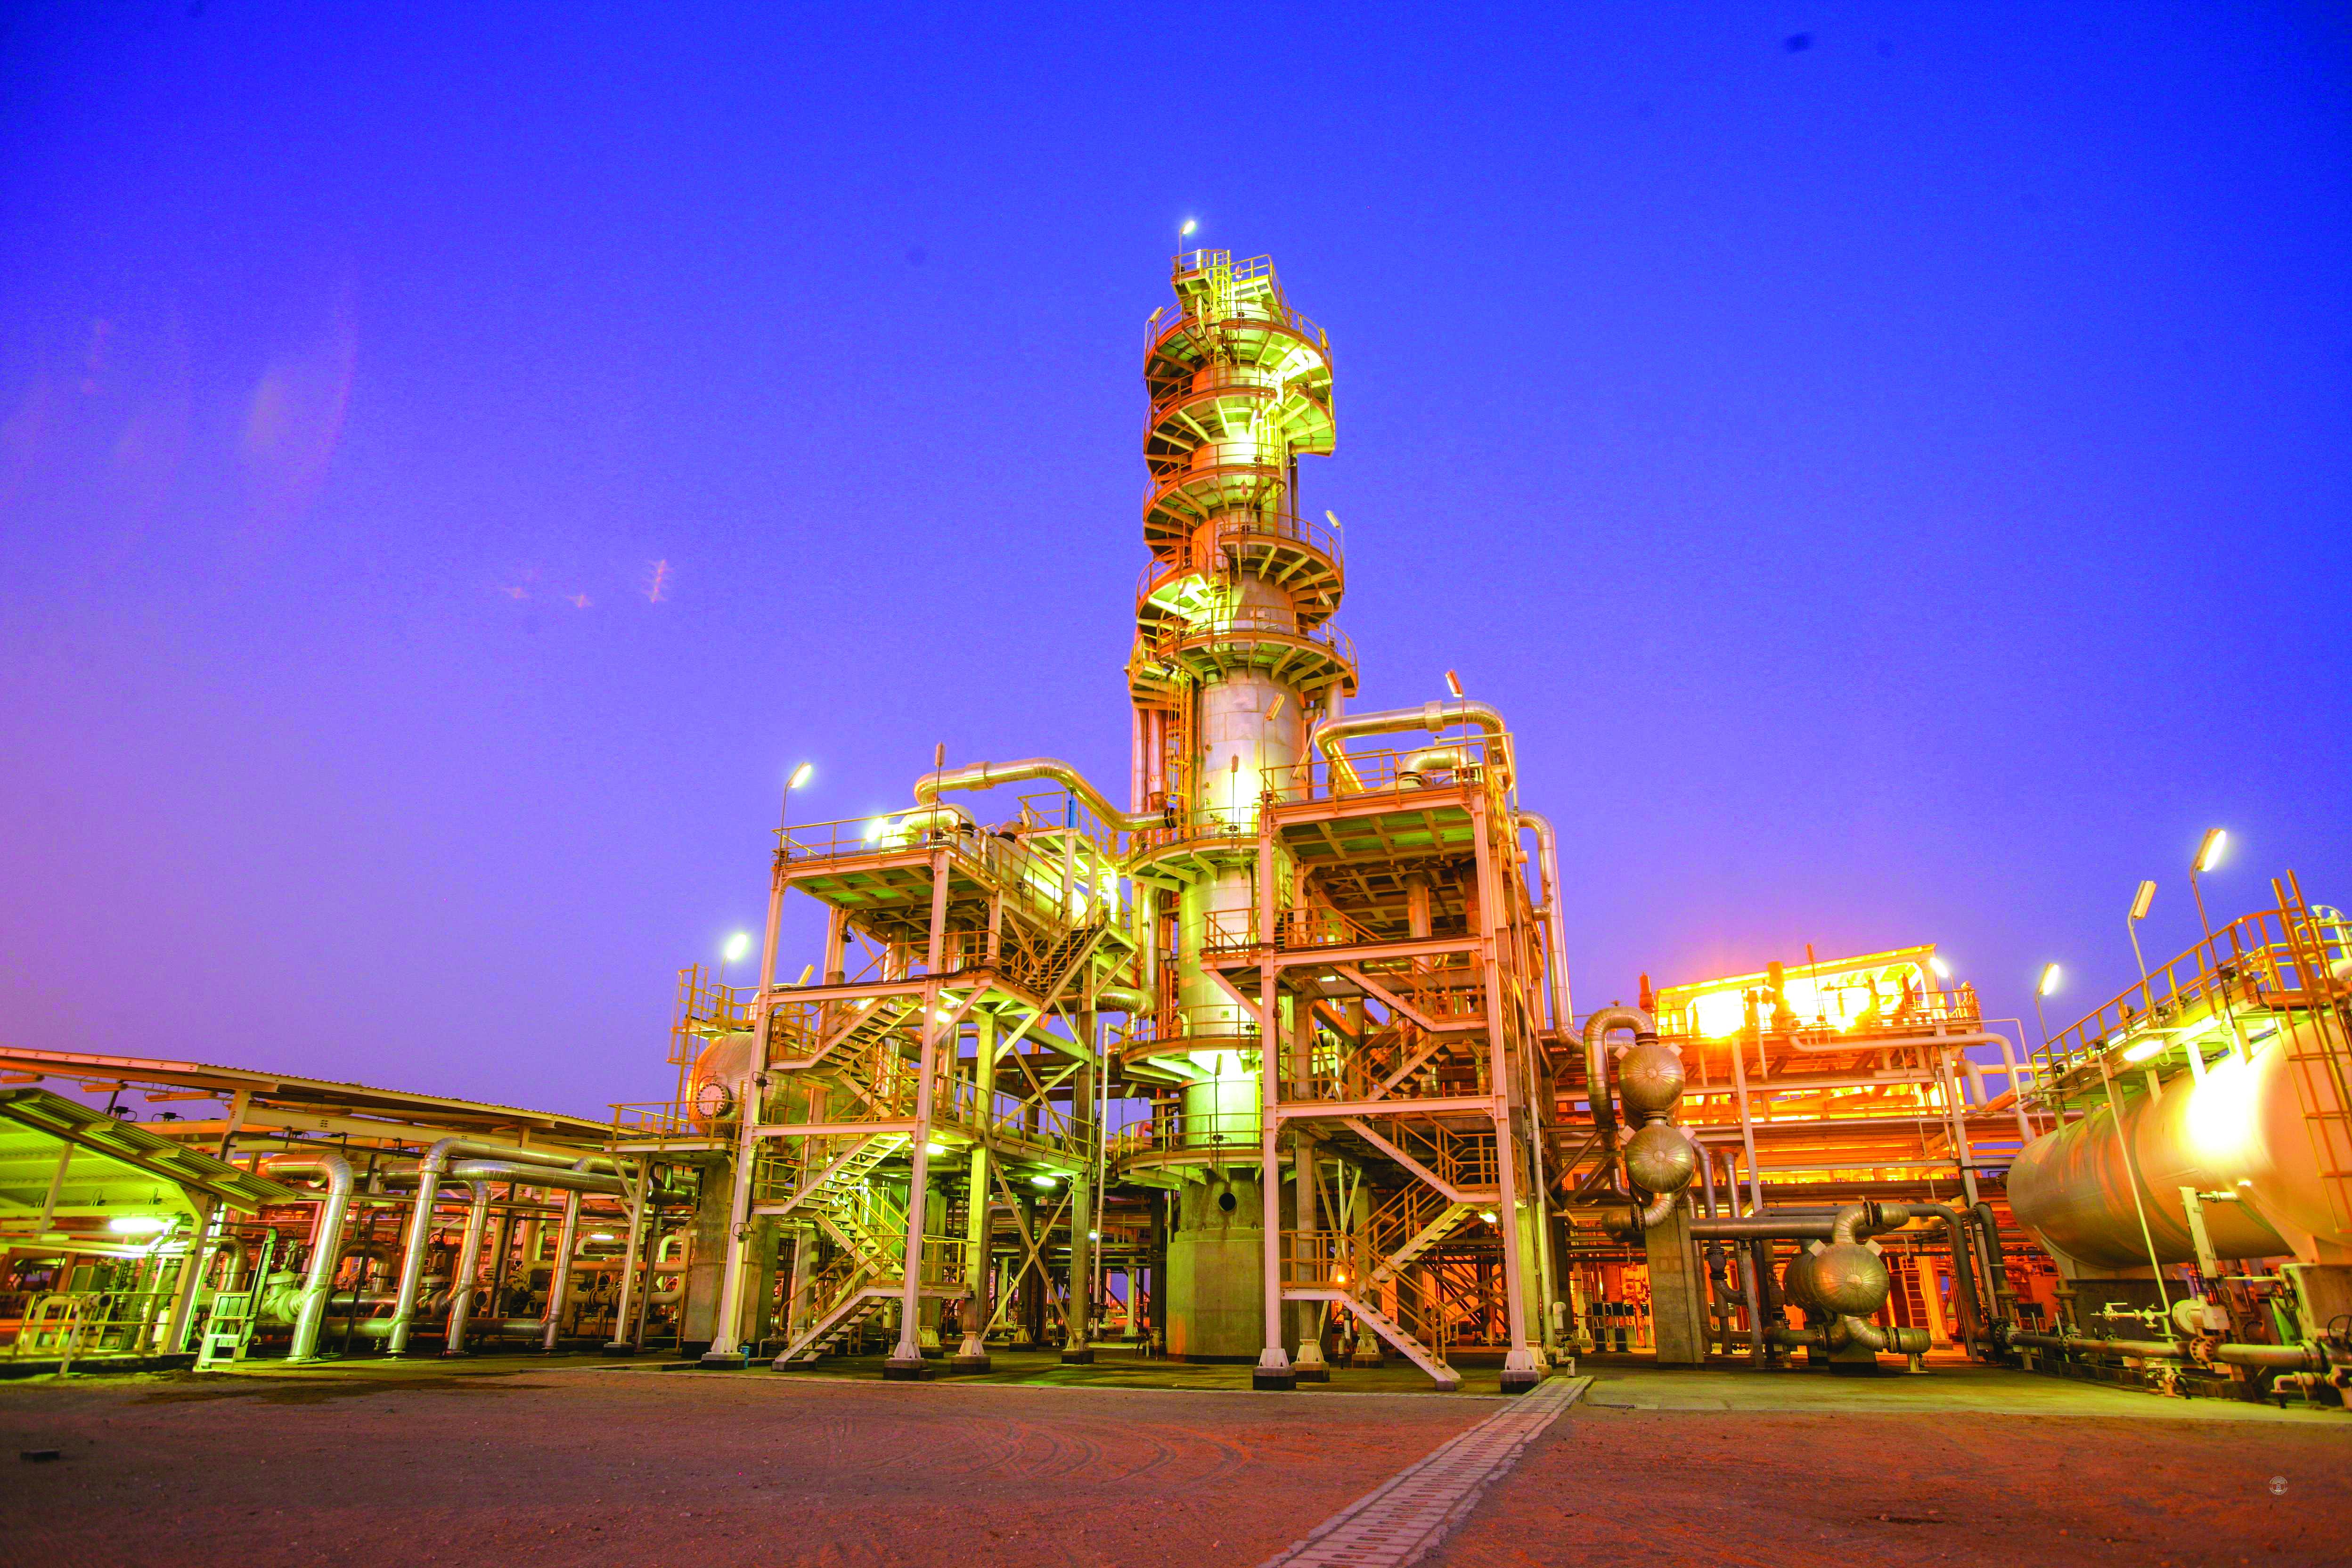 Oman's inflation under control despite fuel price deregulation